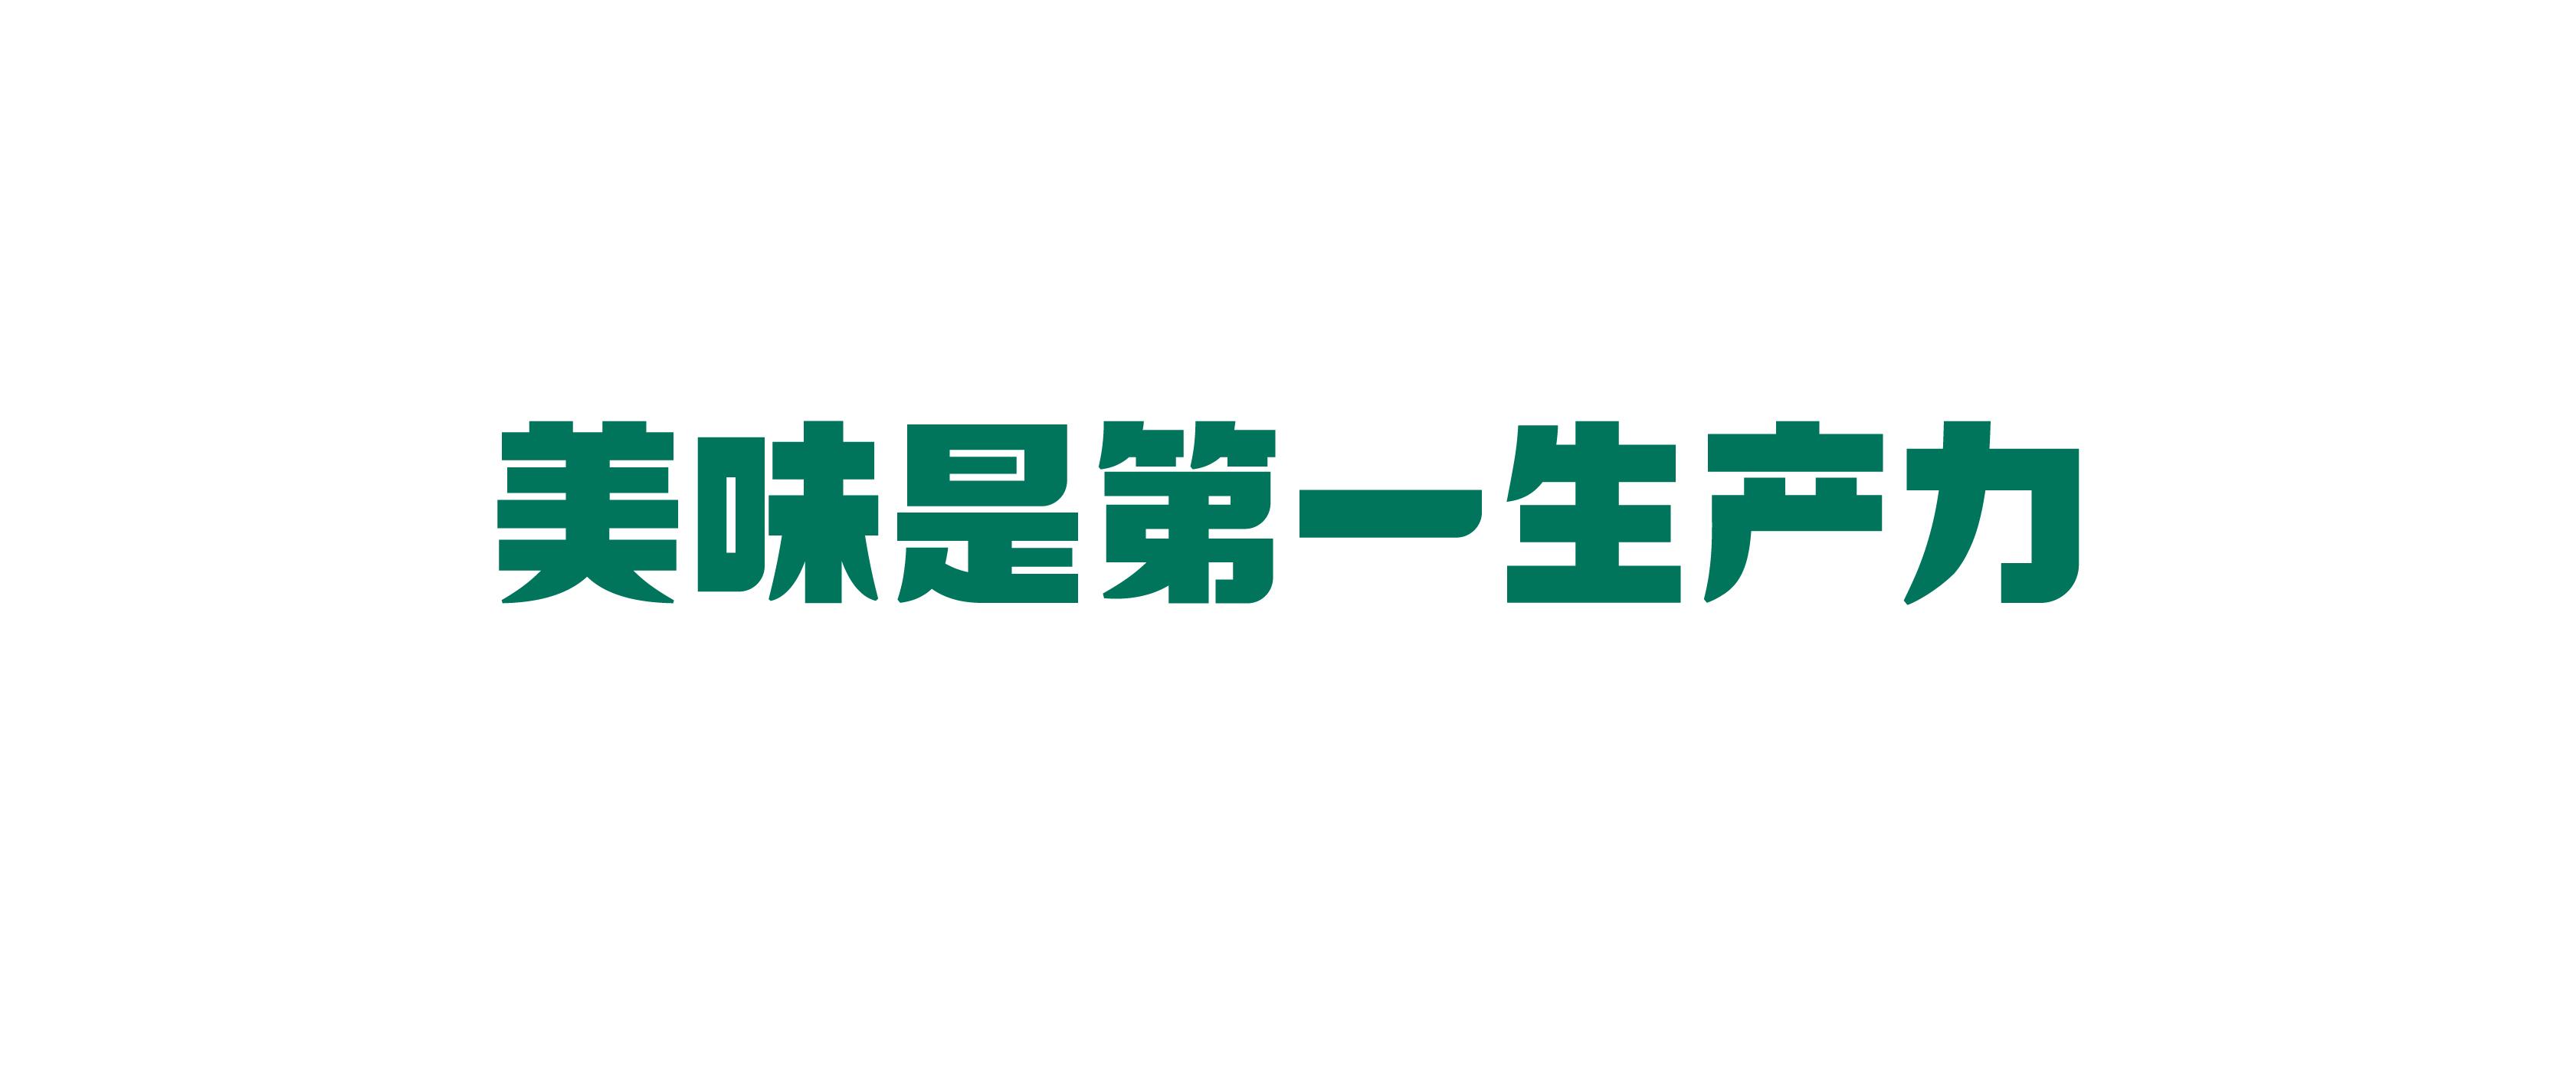 【VI手册_基础部分】陈家生煎_gs_20071423 (1)-26.jpg